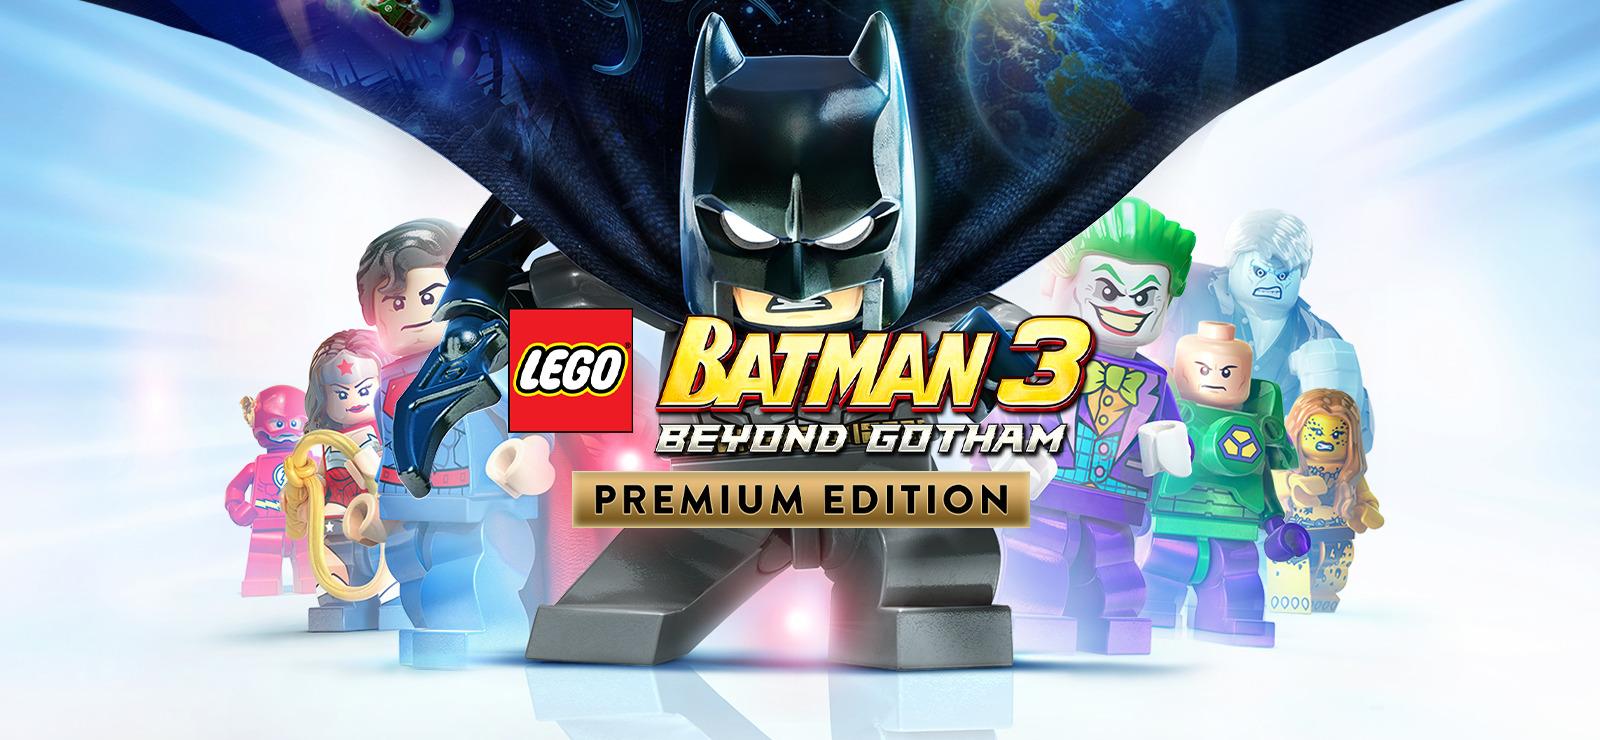 LEGO Batman 3 Beyond Gotham Premium Edition-GOG